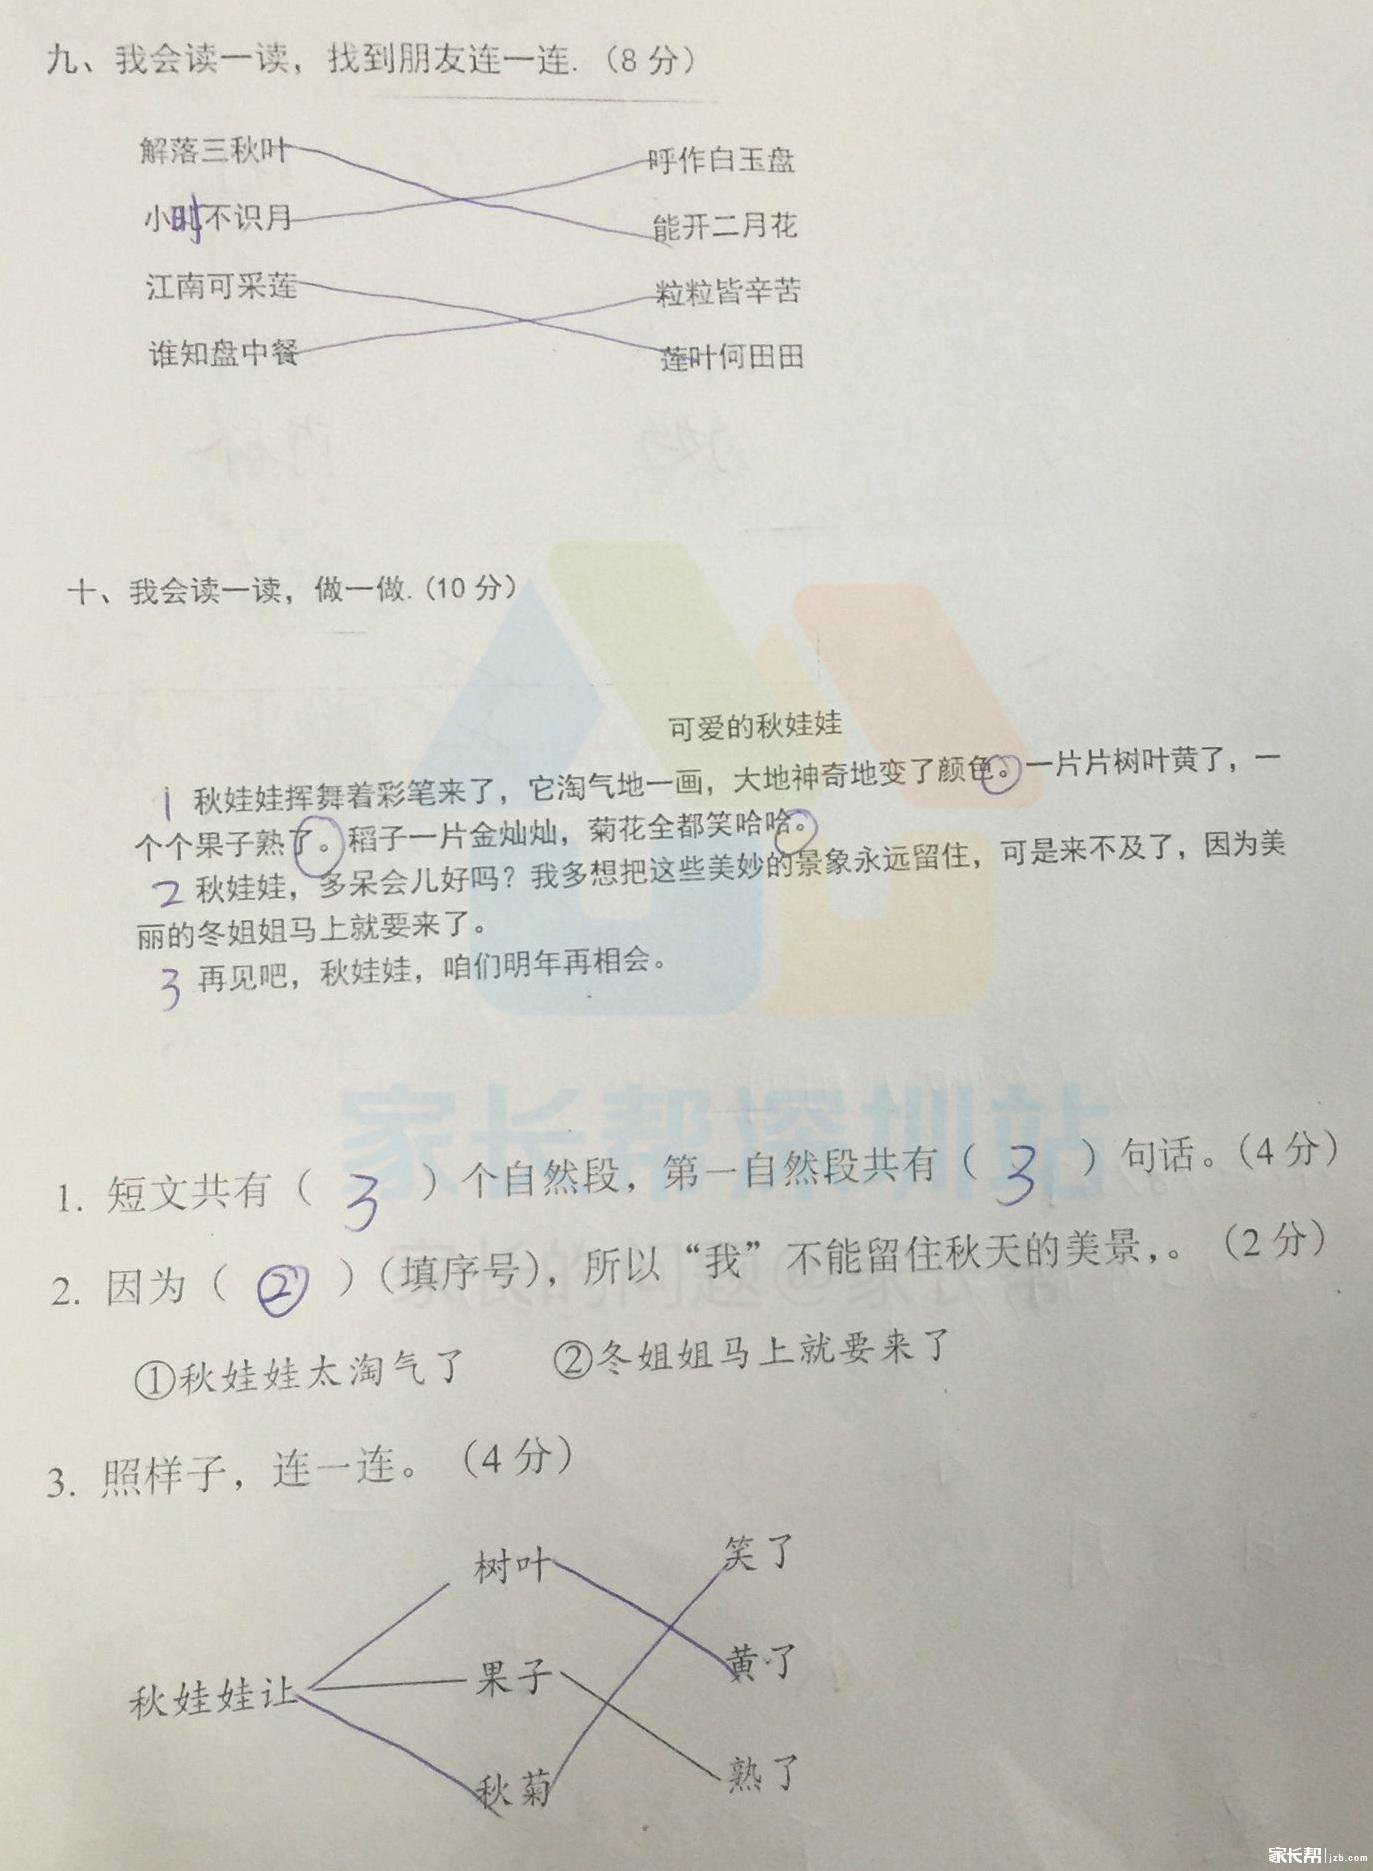 龙华语文另一版3.png